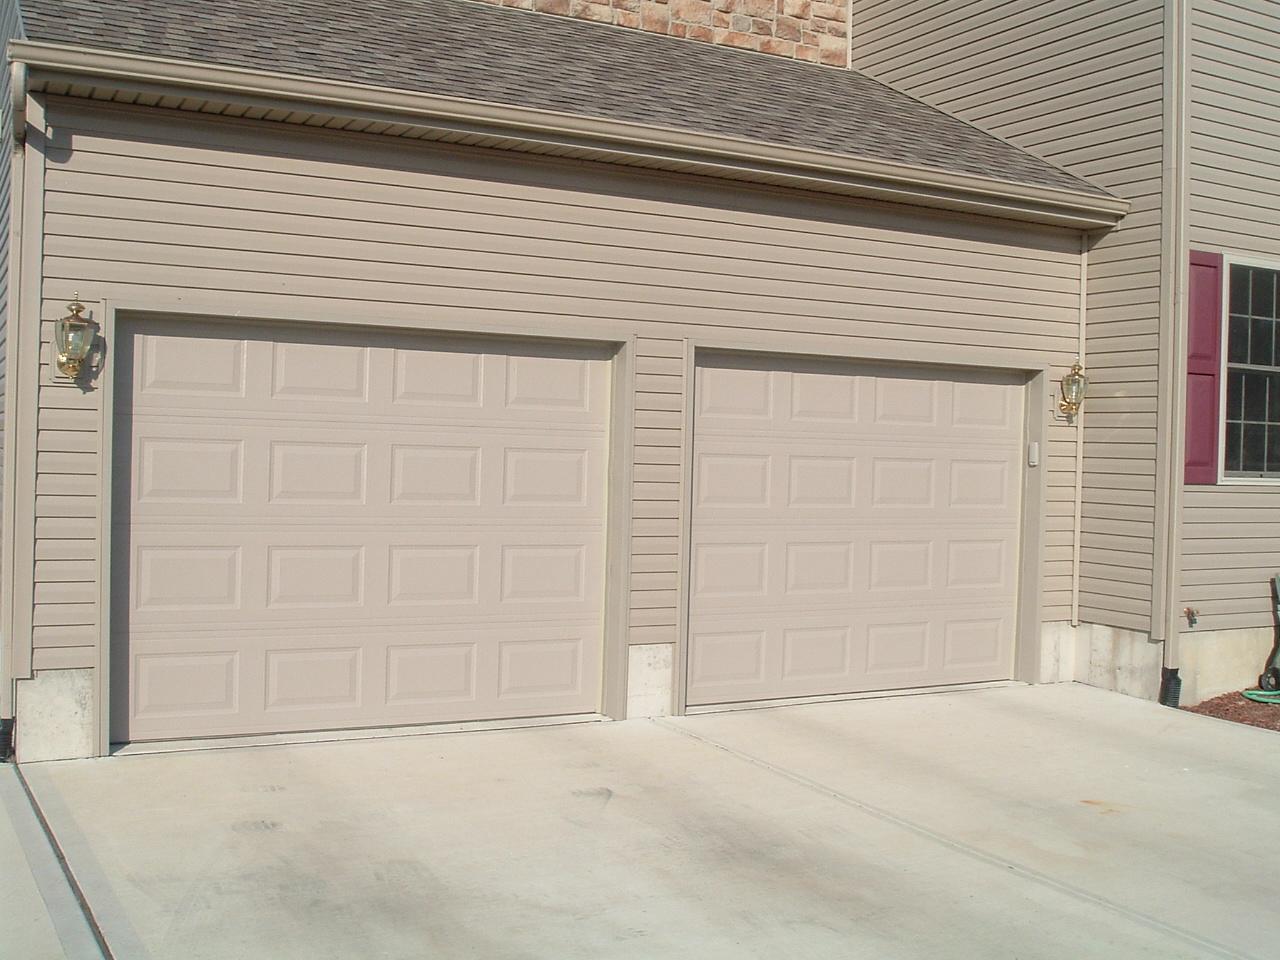 9x7 garage door aaa garage door garage doors 9 x 7 for 10 garage door